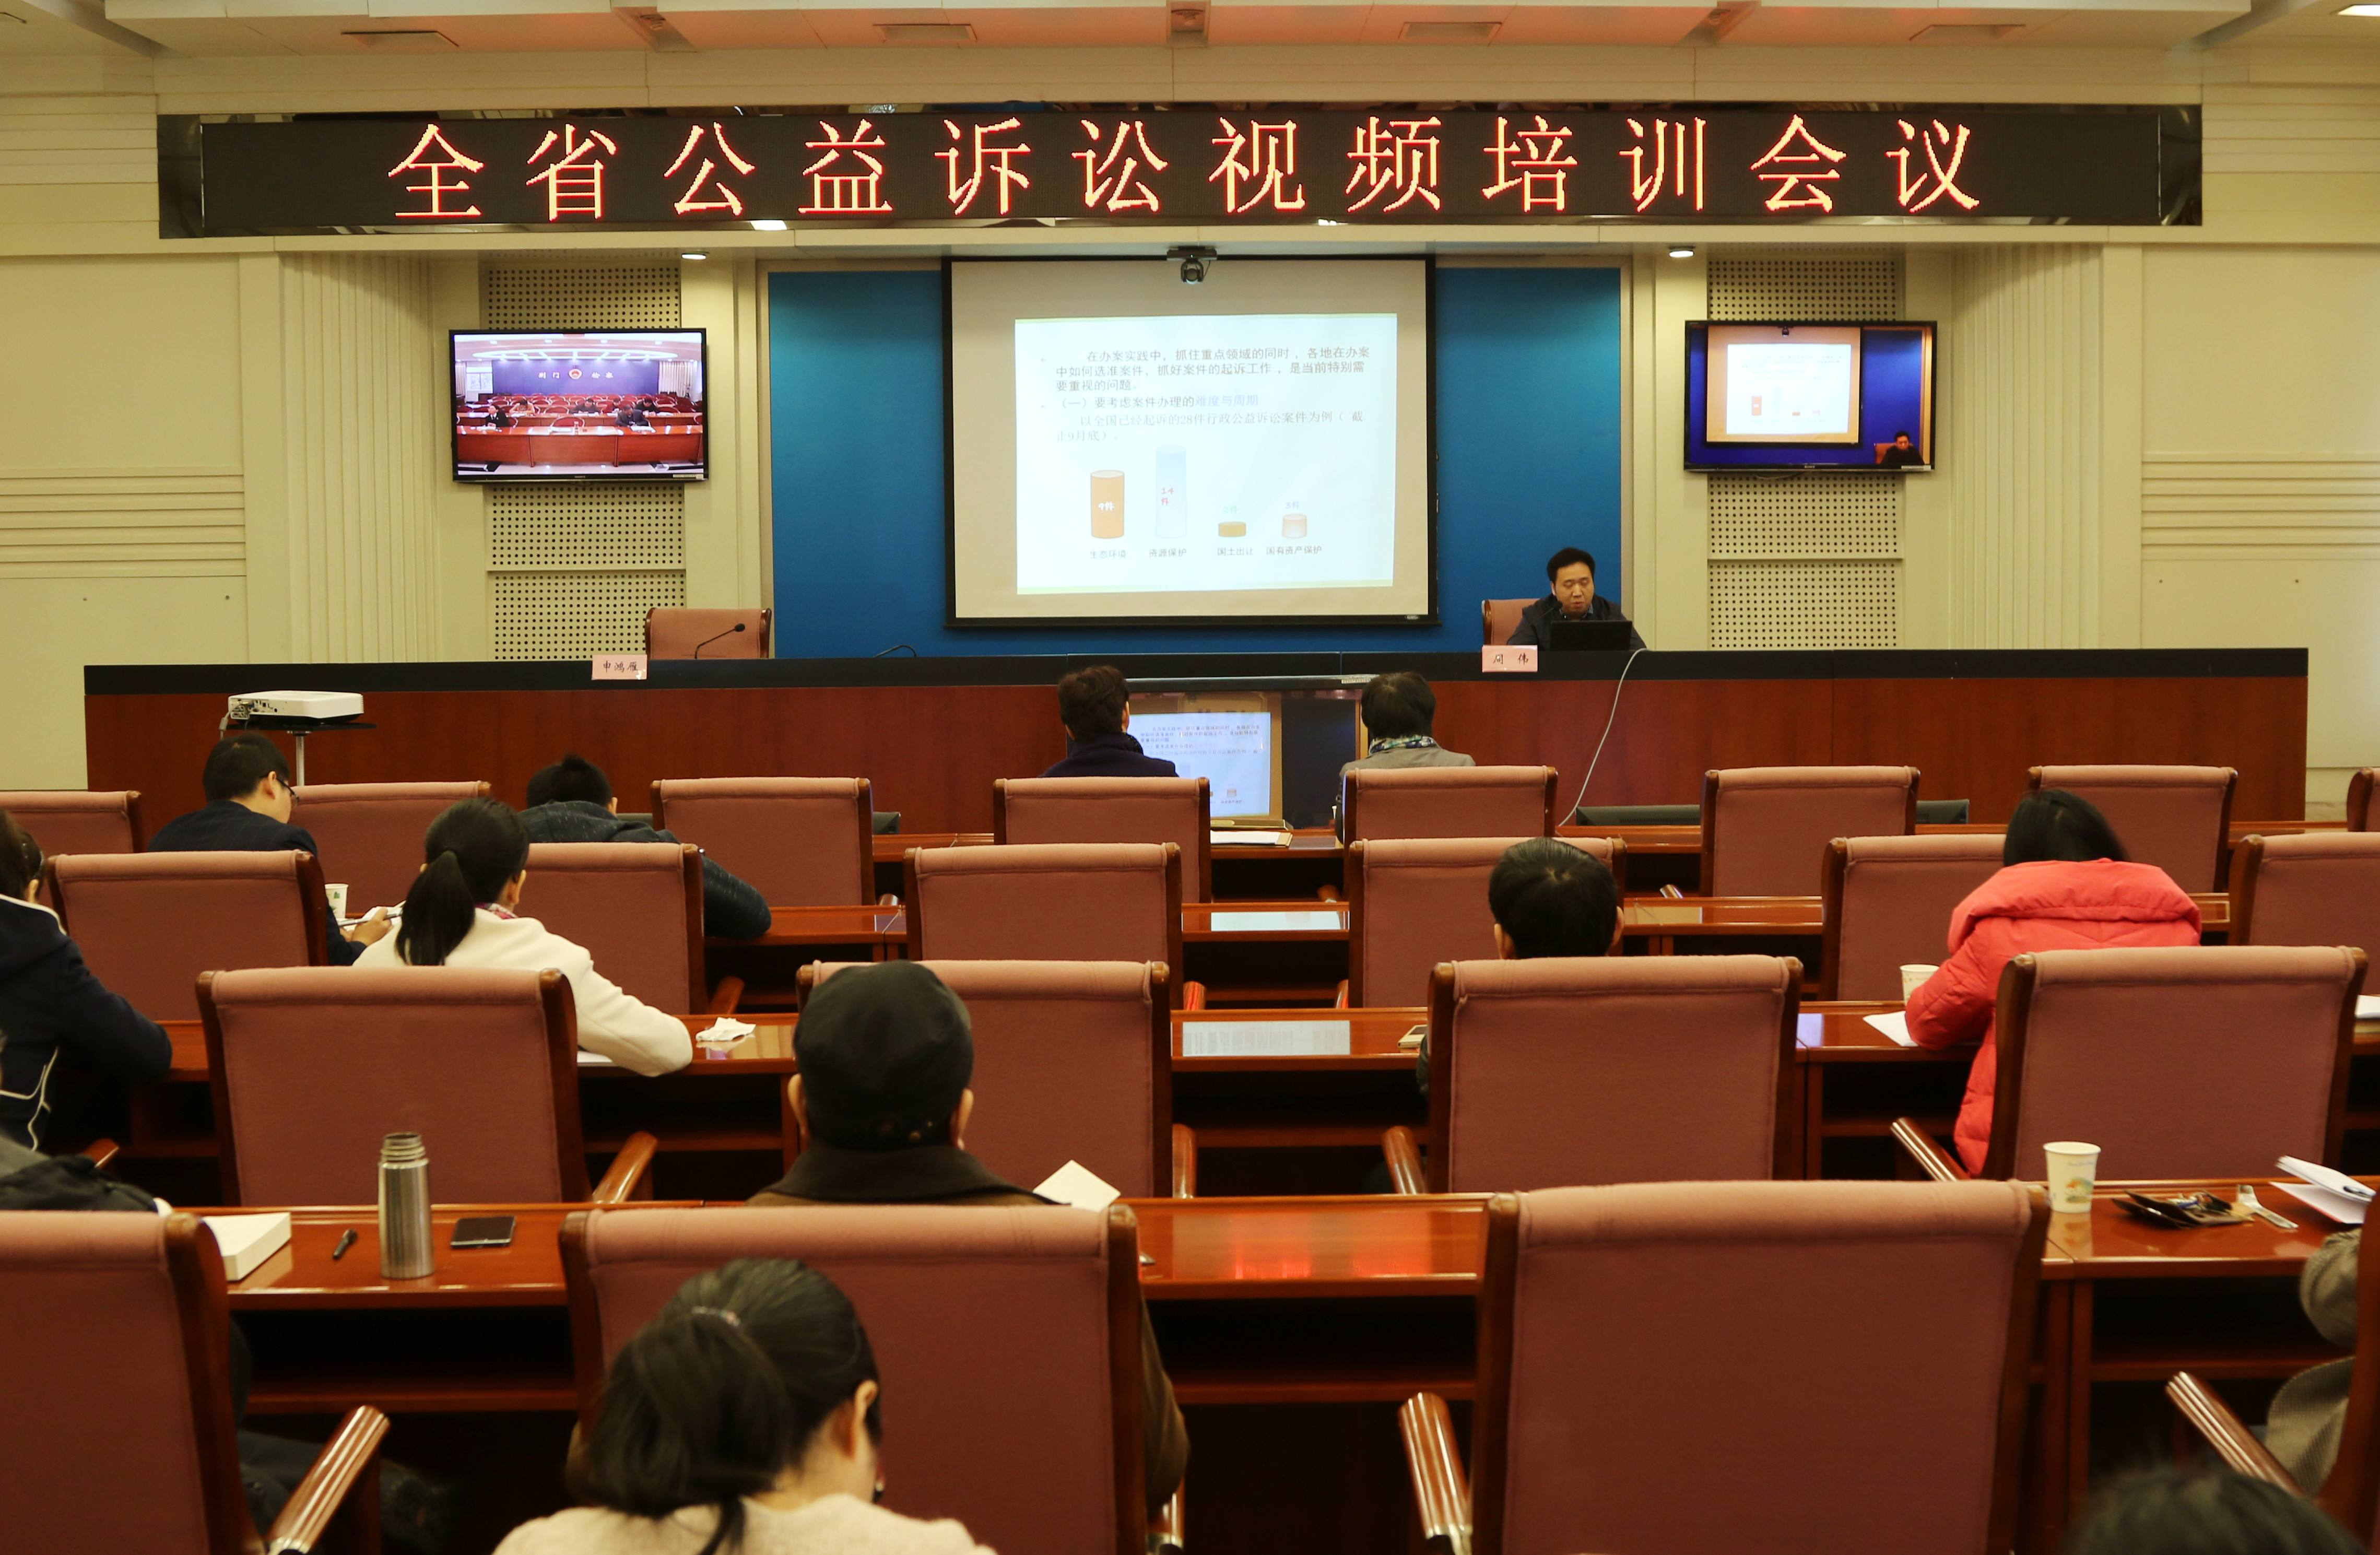 瑞视恒通助力蓬安县检察院视频会议项目建设